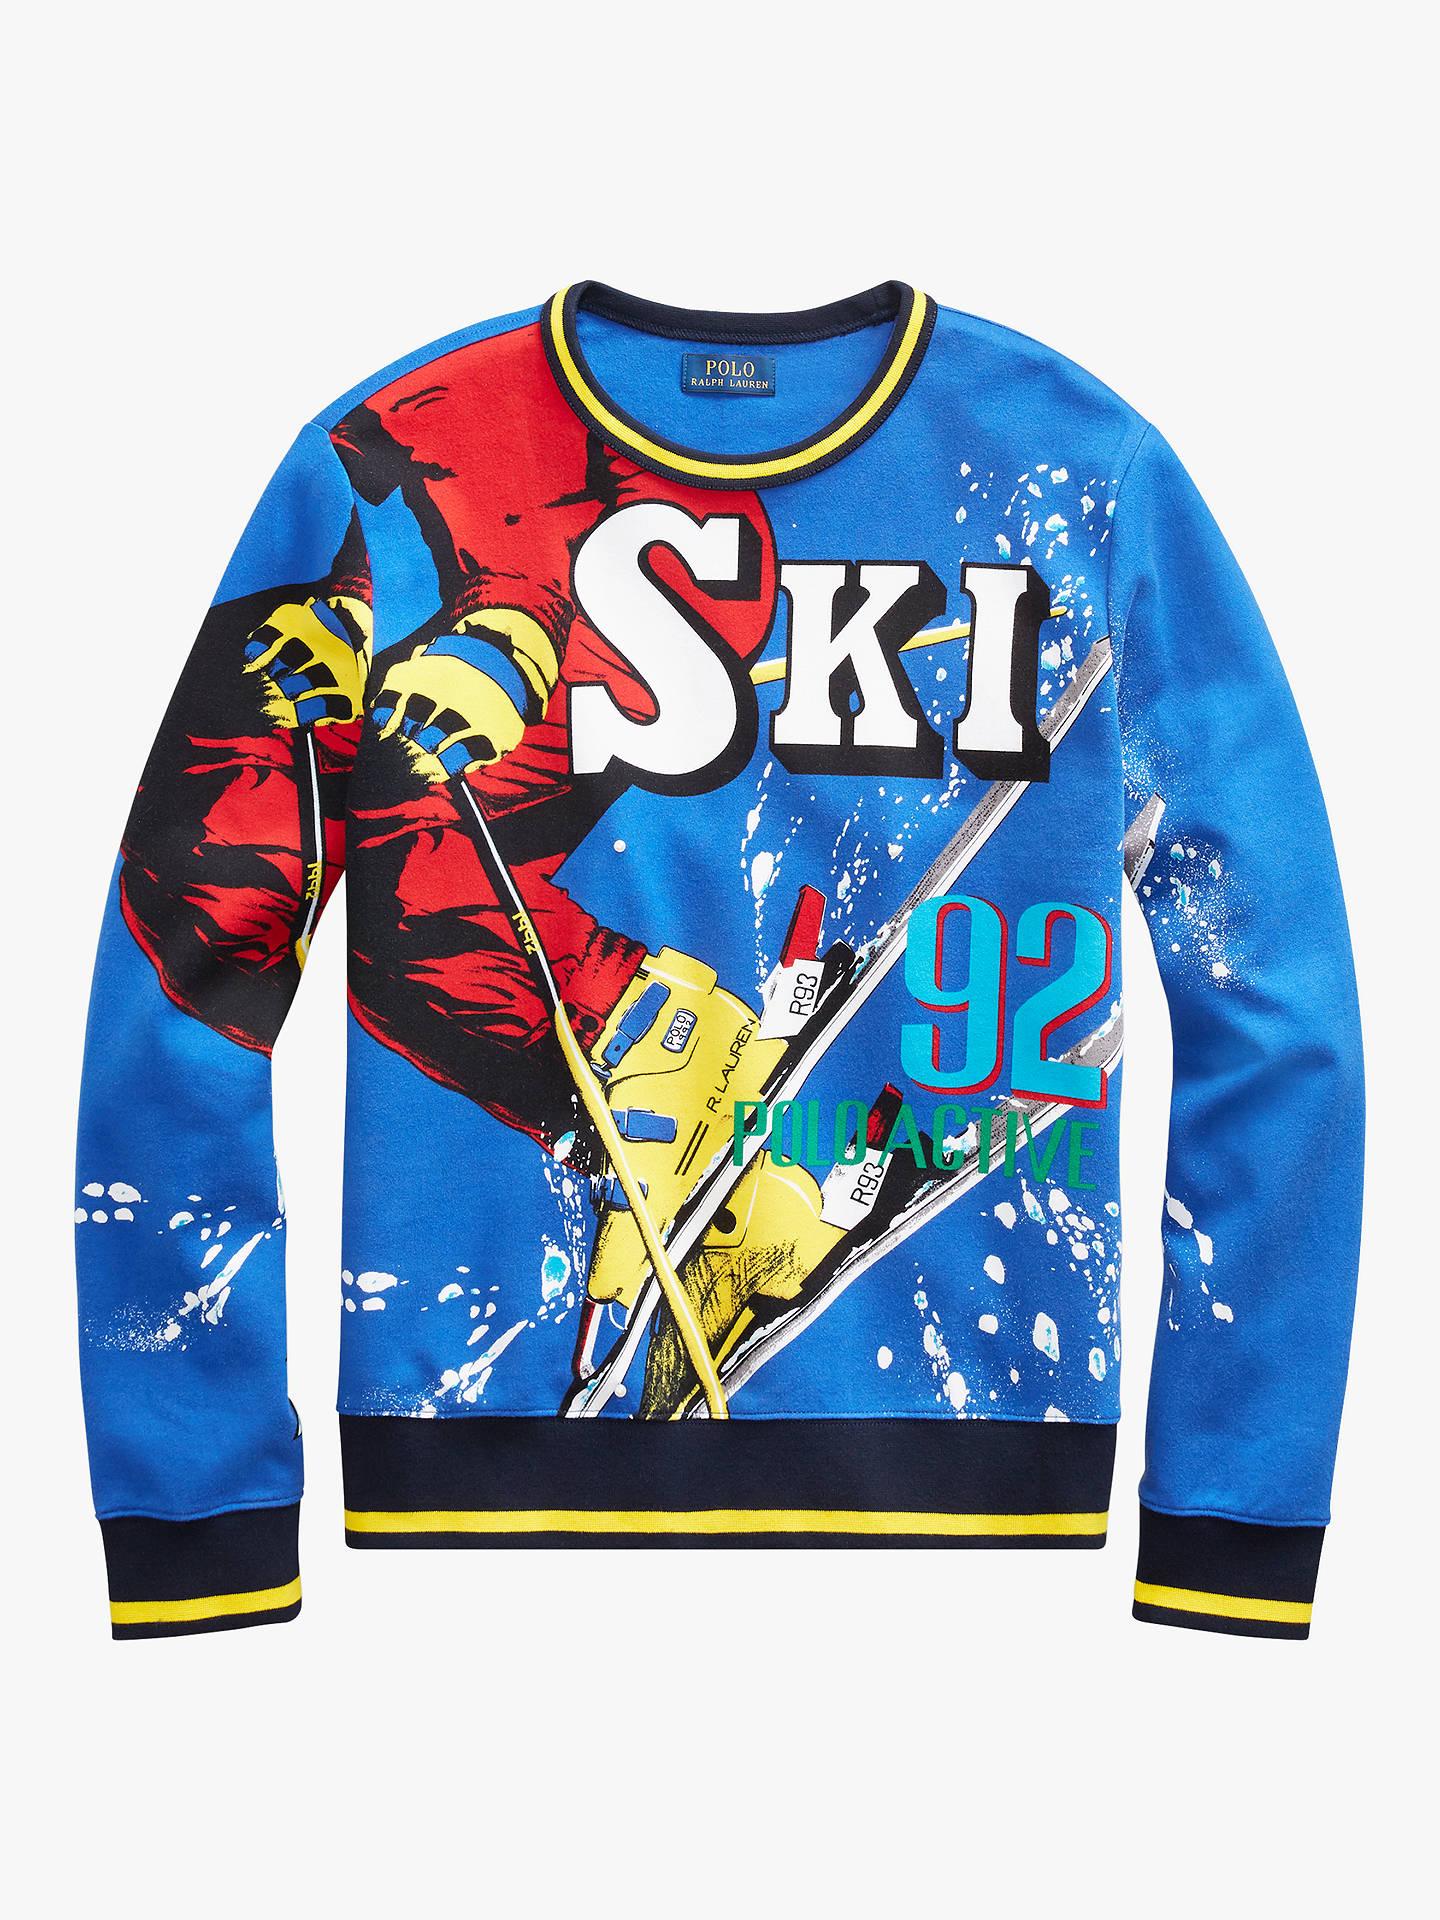 55a1f3d4990c Buy Polo Ralph Lauren Graphic Crew Neck Sweatshirt